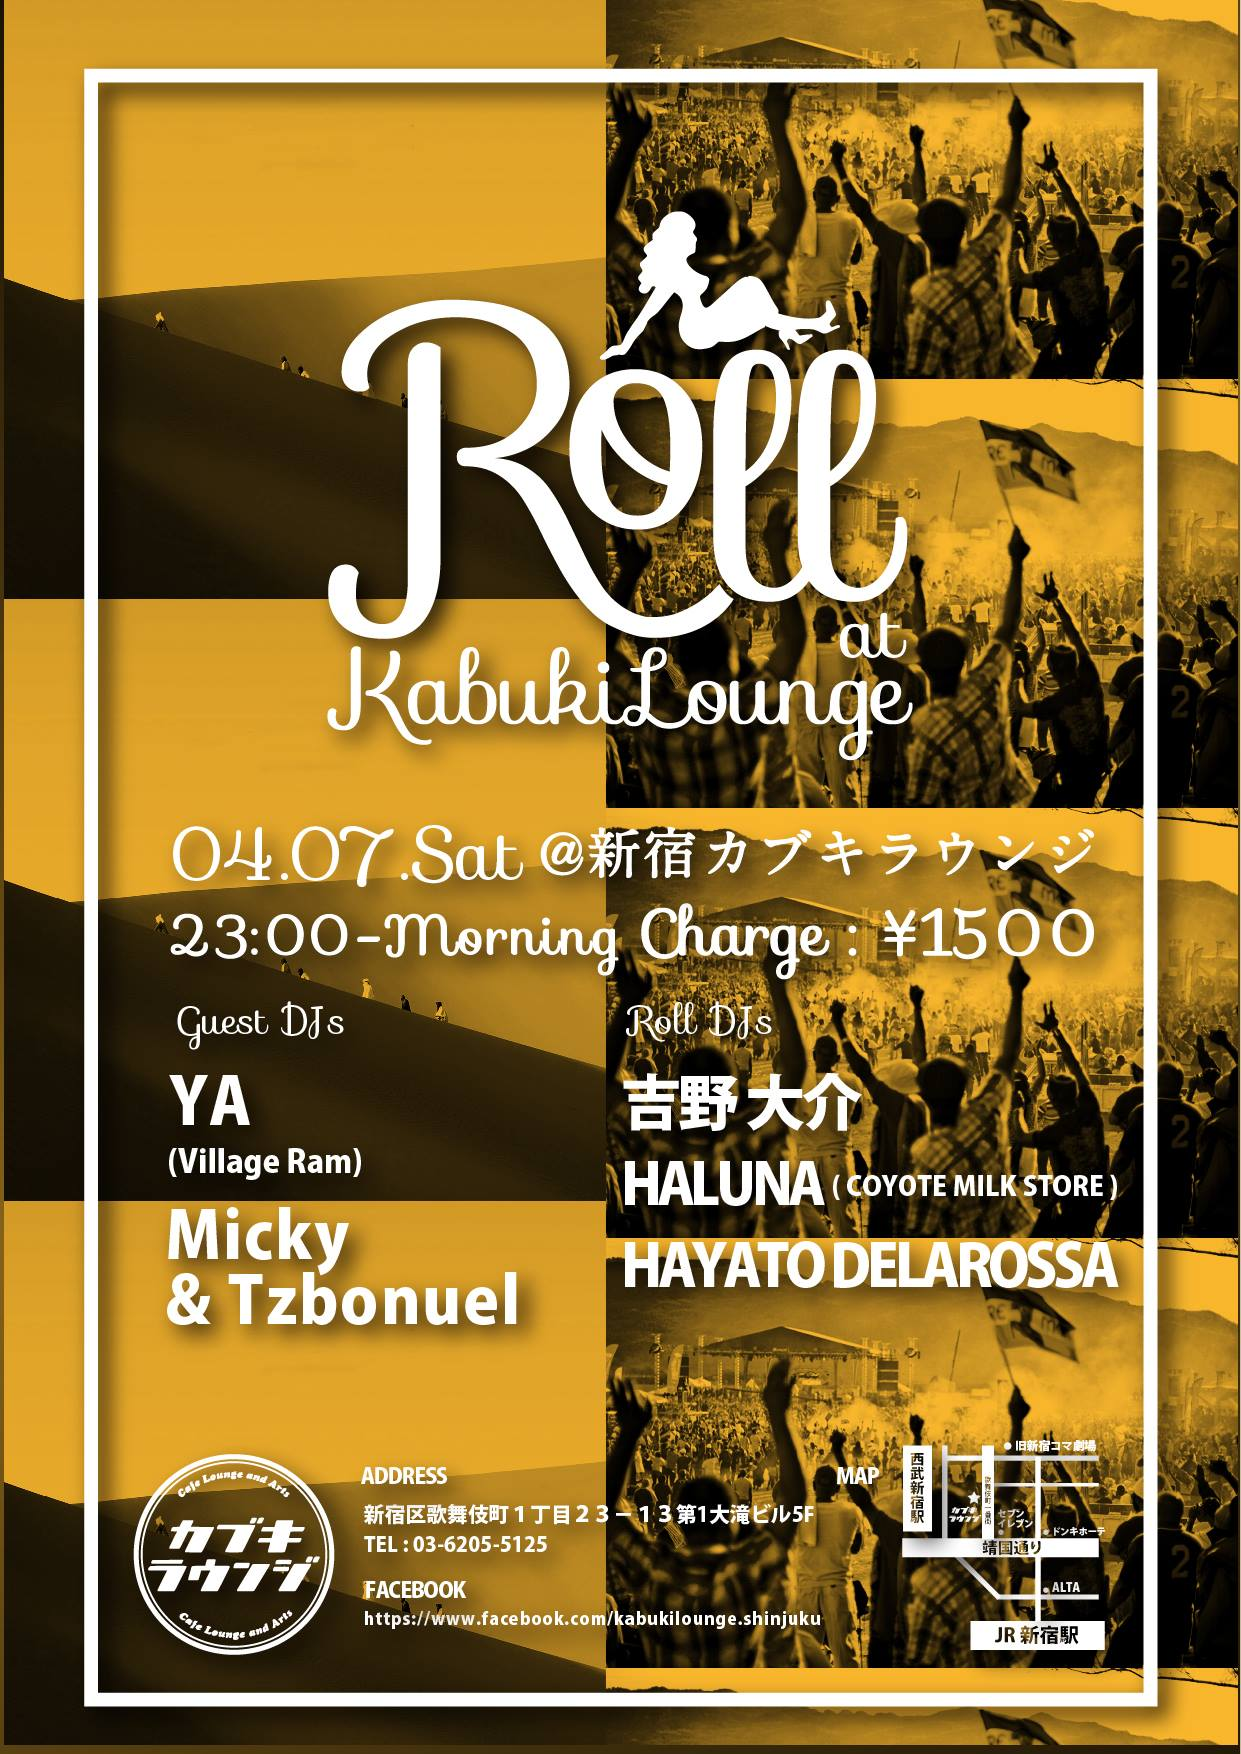 2018.04.07.SAT Roll @ 新宿カブキラウンジ